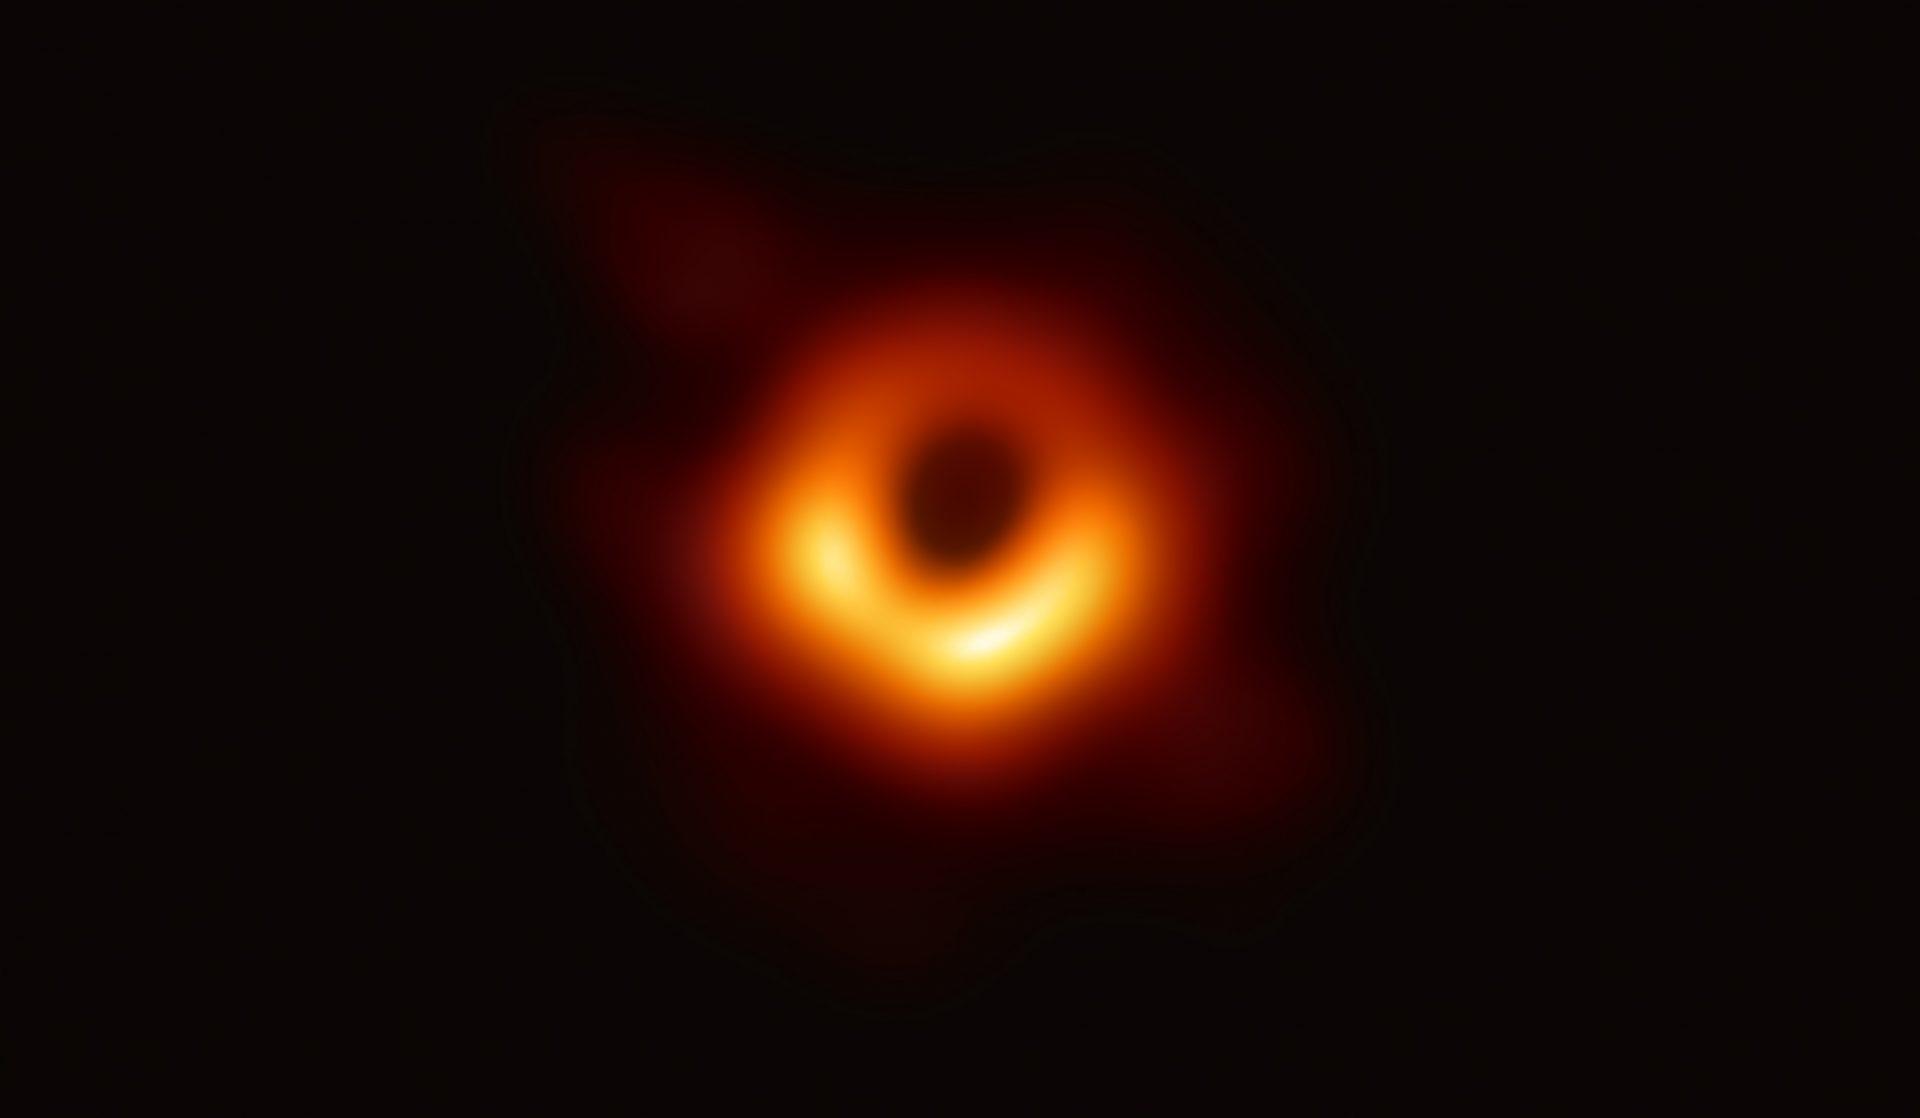 vídeo de um buraco negro